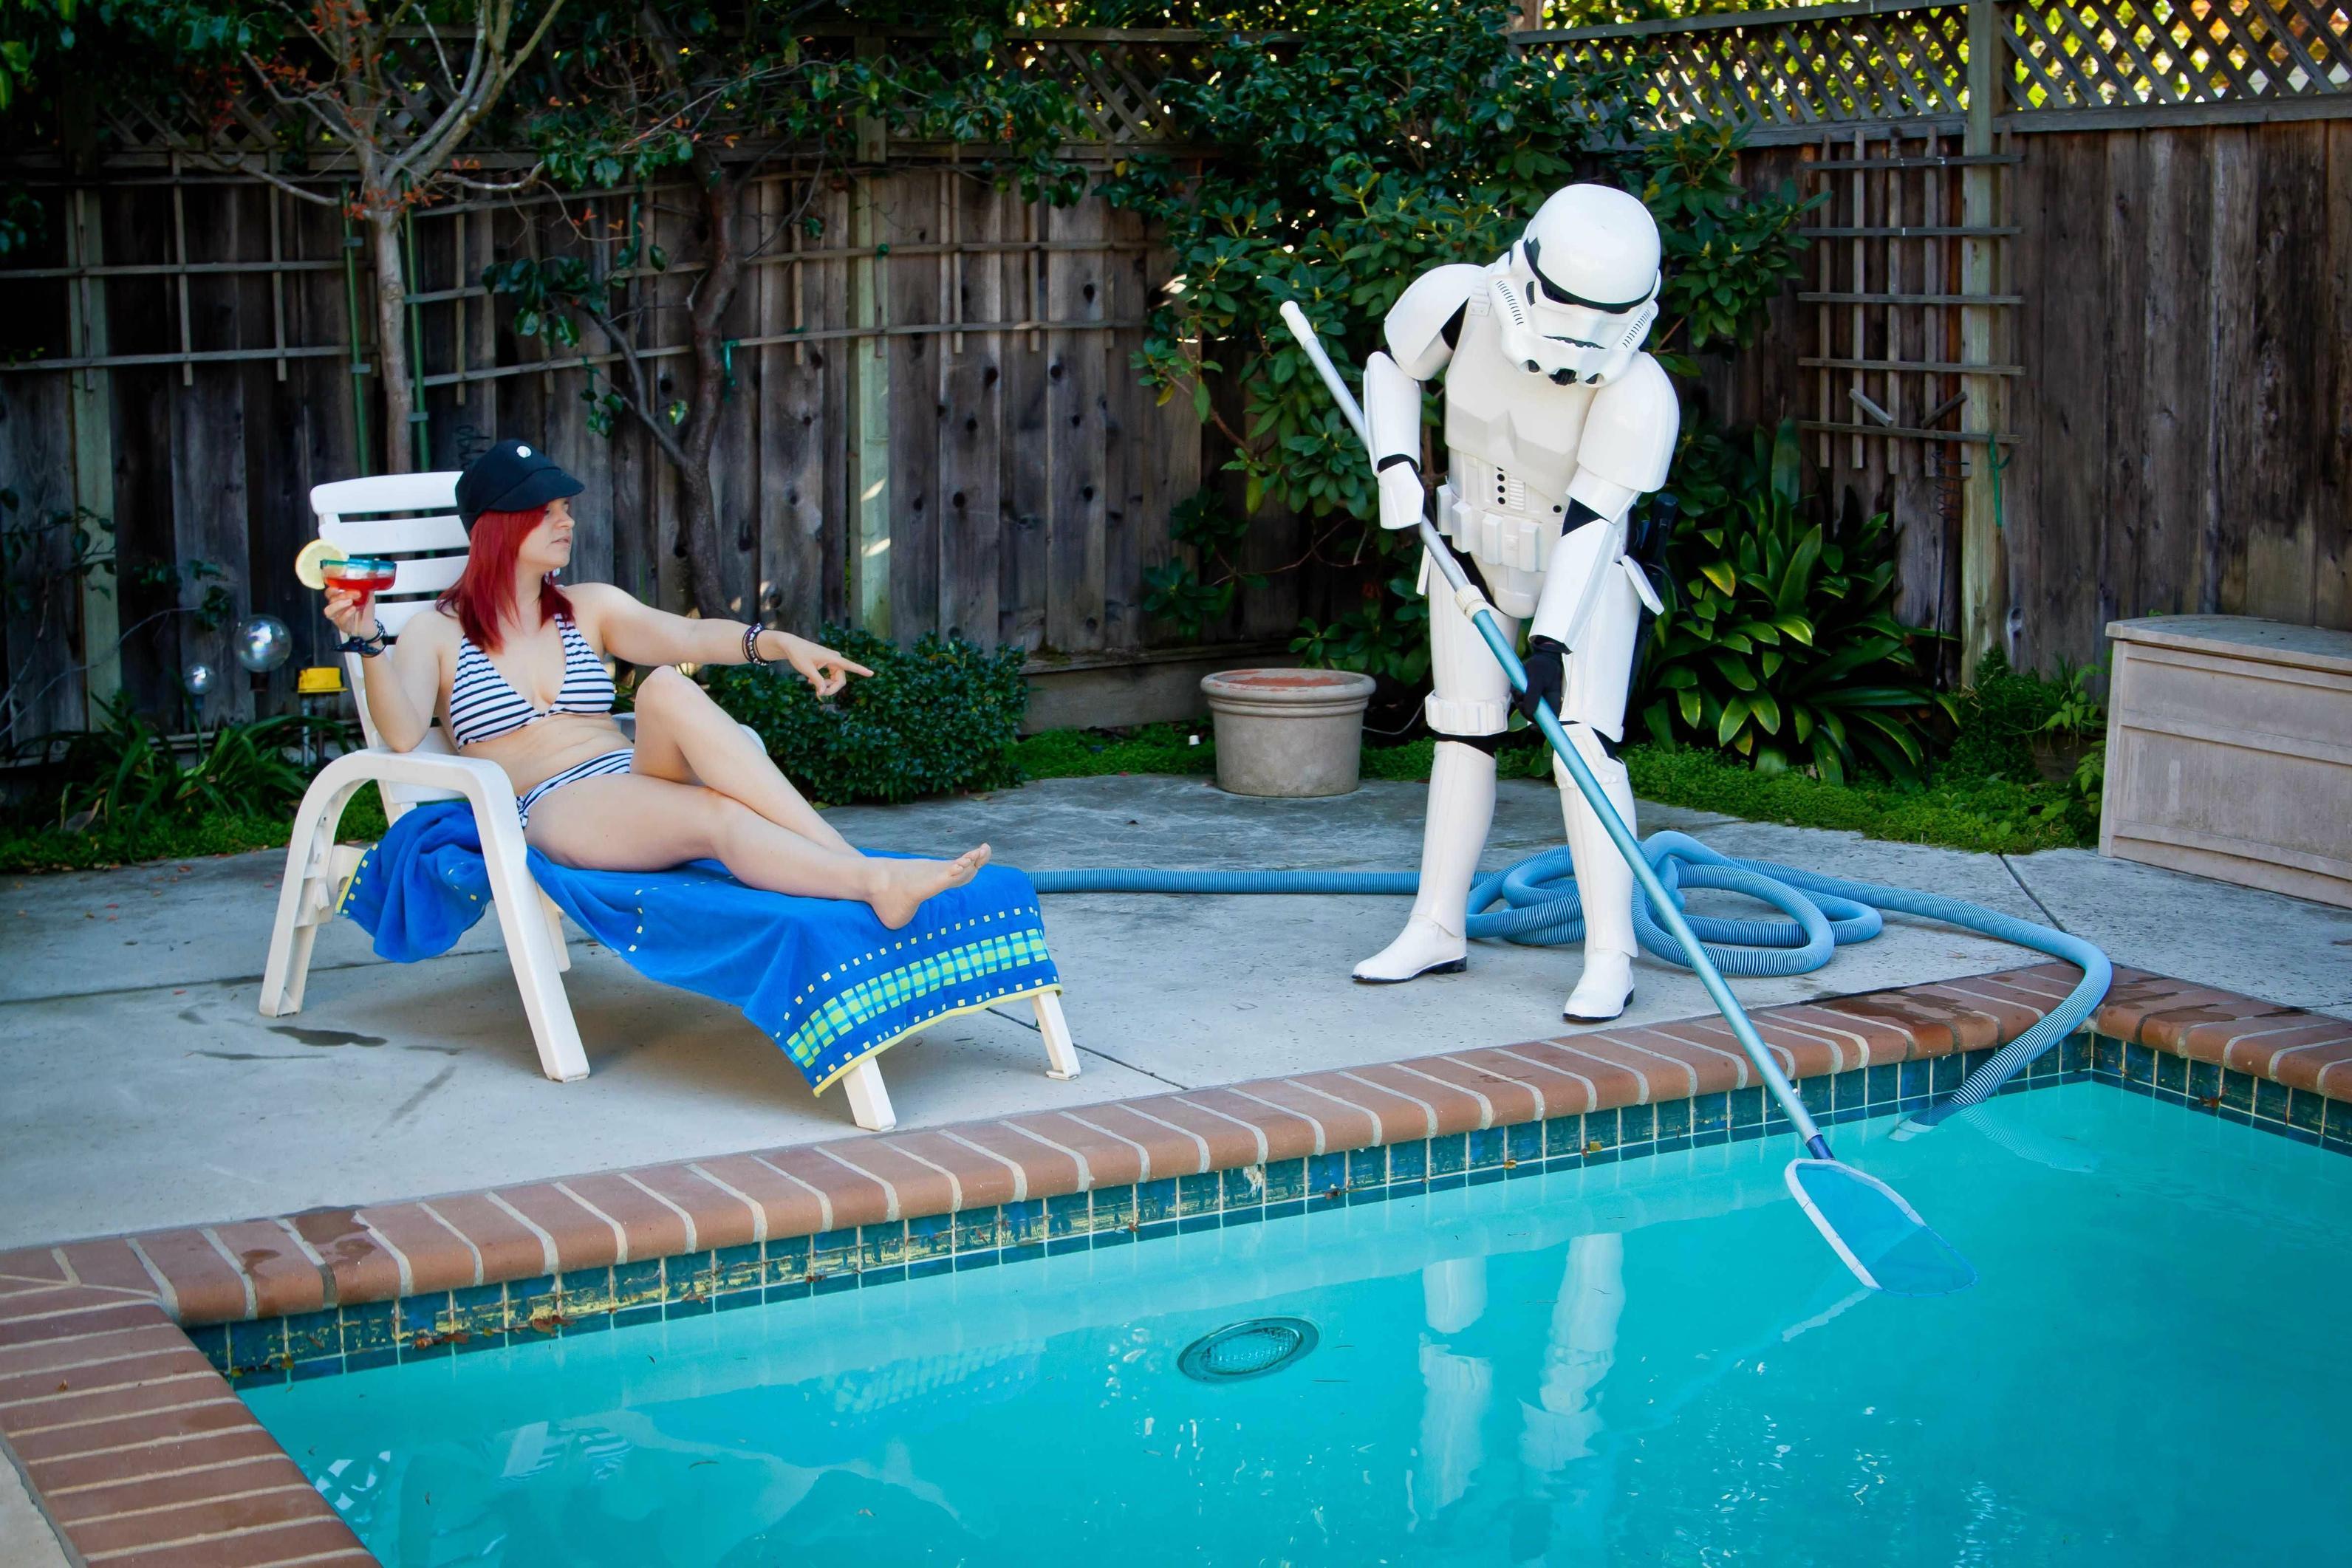 Piscina un hogar con mucho oficio for Homemade wading pool